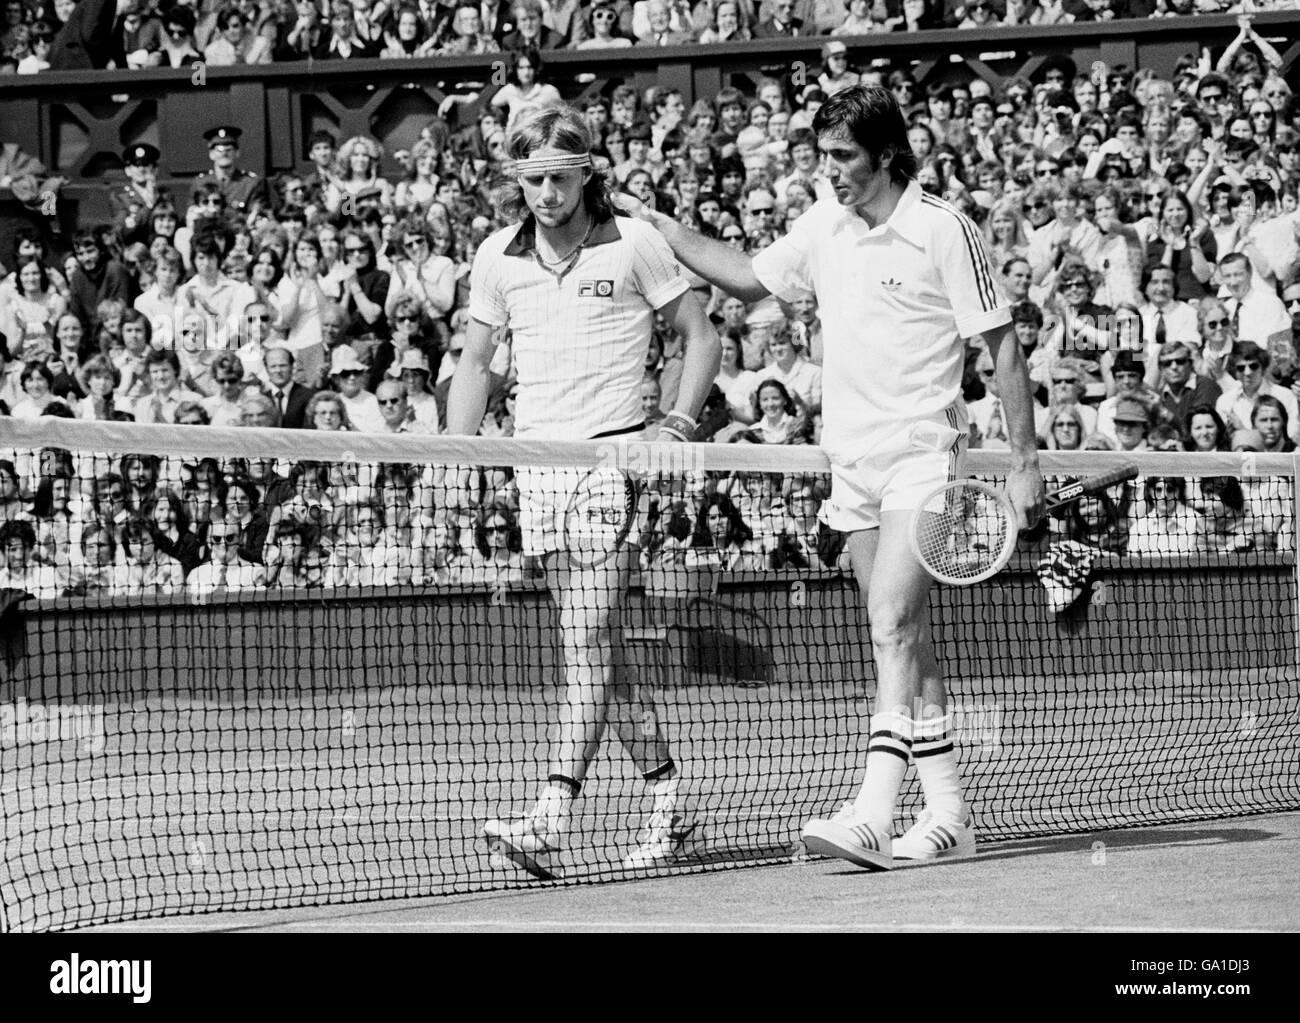 Tennis Wimbledon Championships 1977 Ilie Nastase v Bjorn Borg